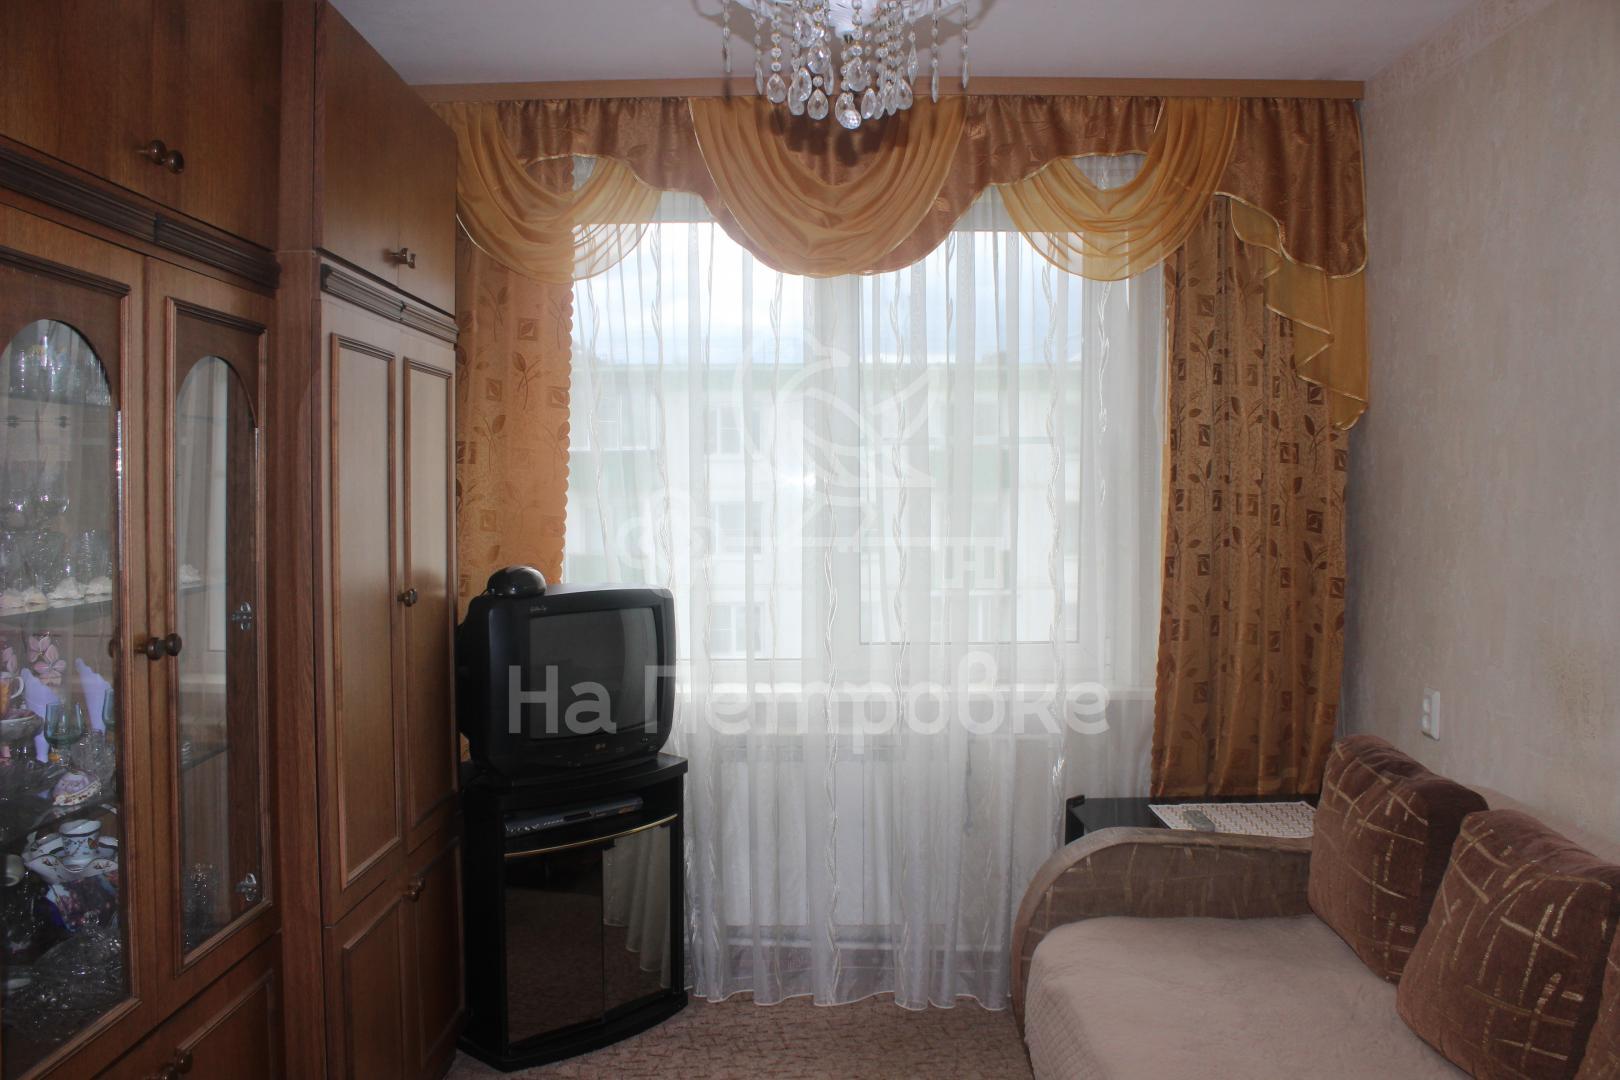 Квартира на продажу по адресу Россия, Московская область, городской округ Мытищи, Поведники, 2